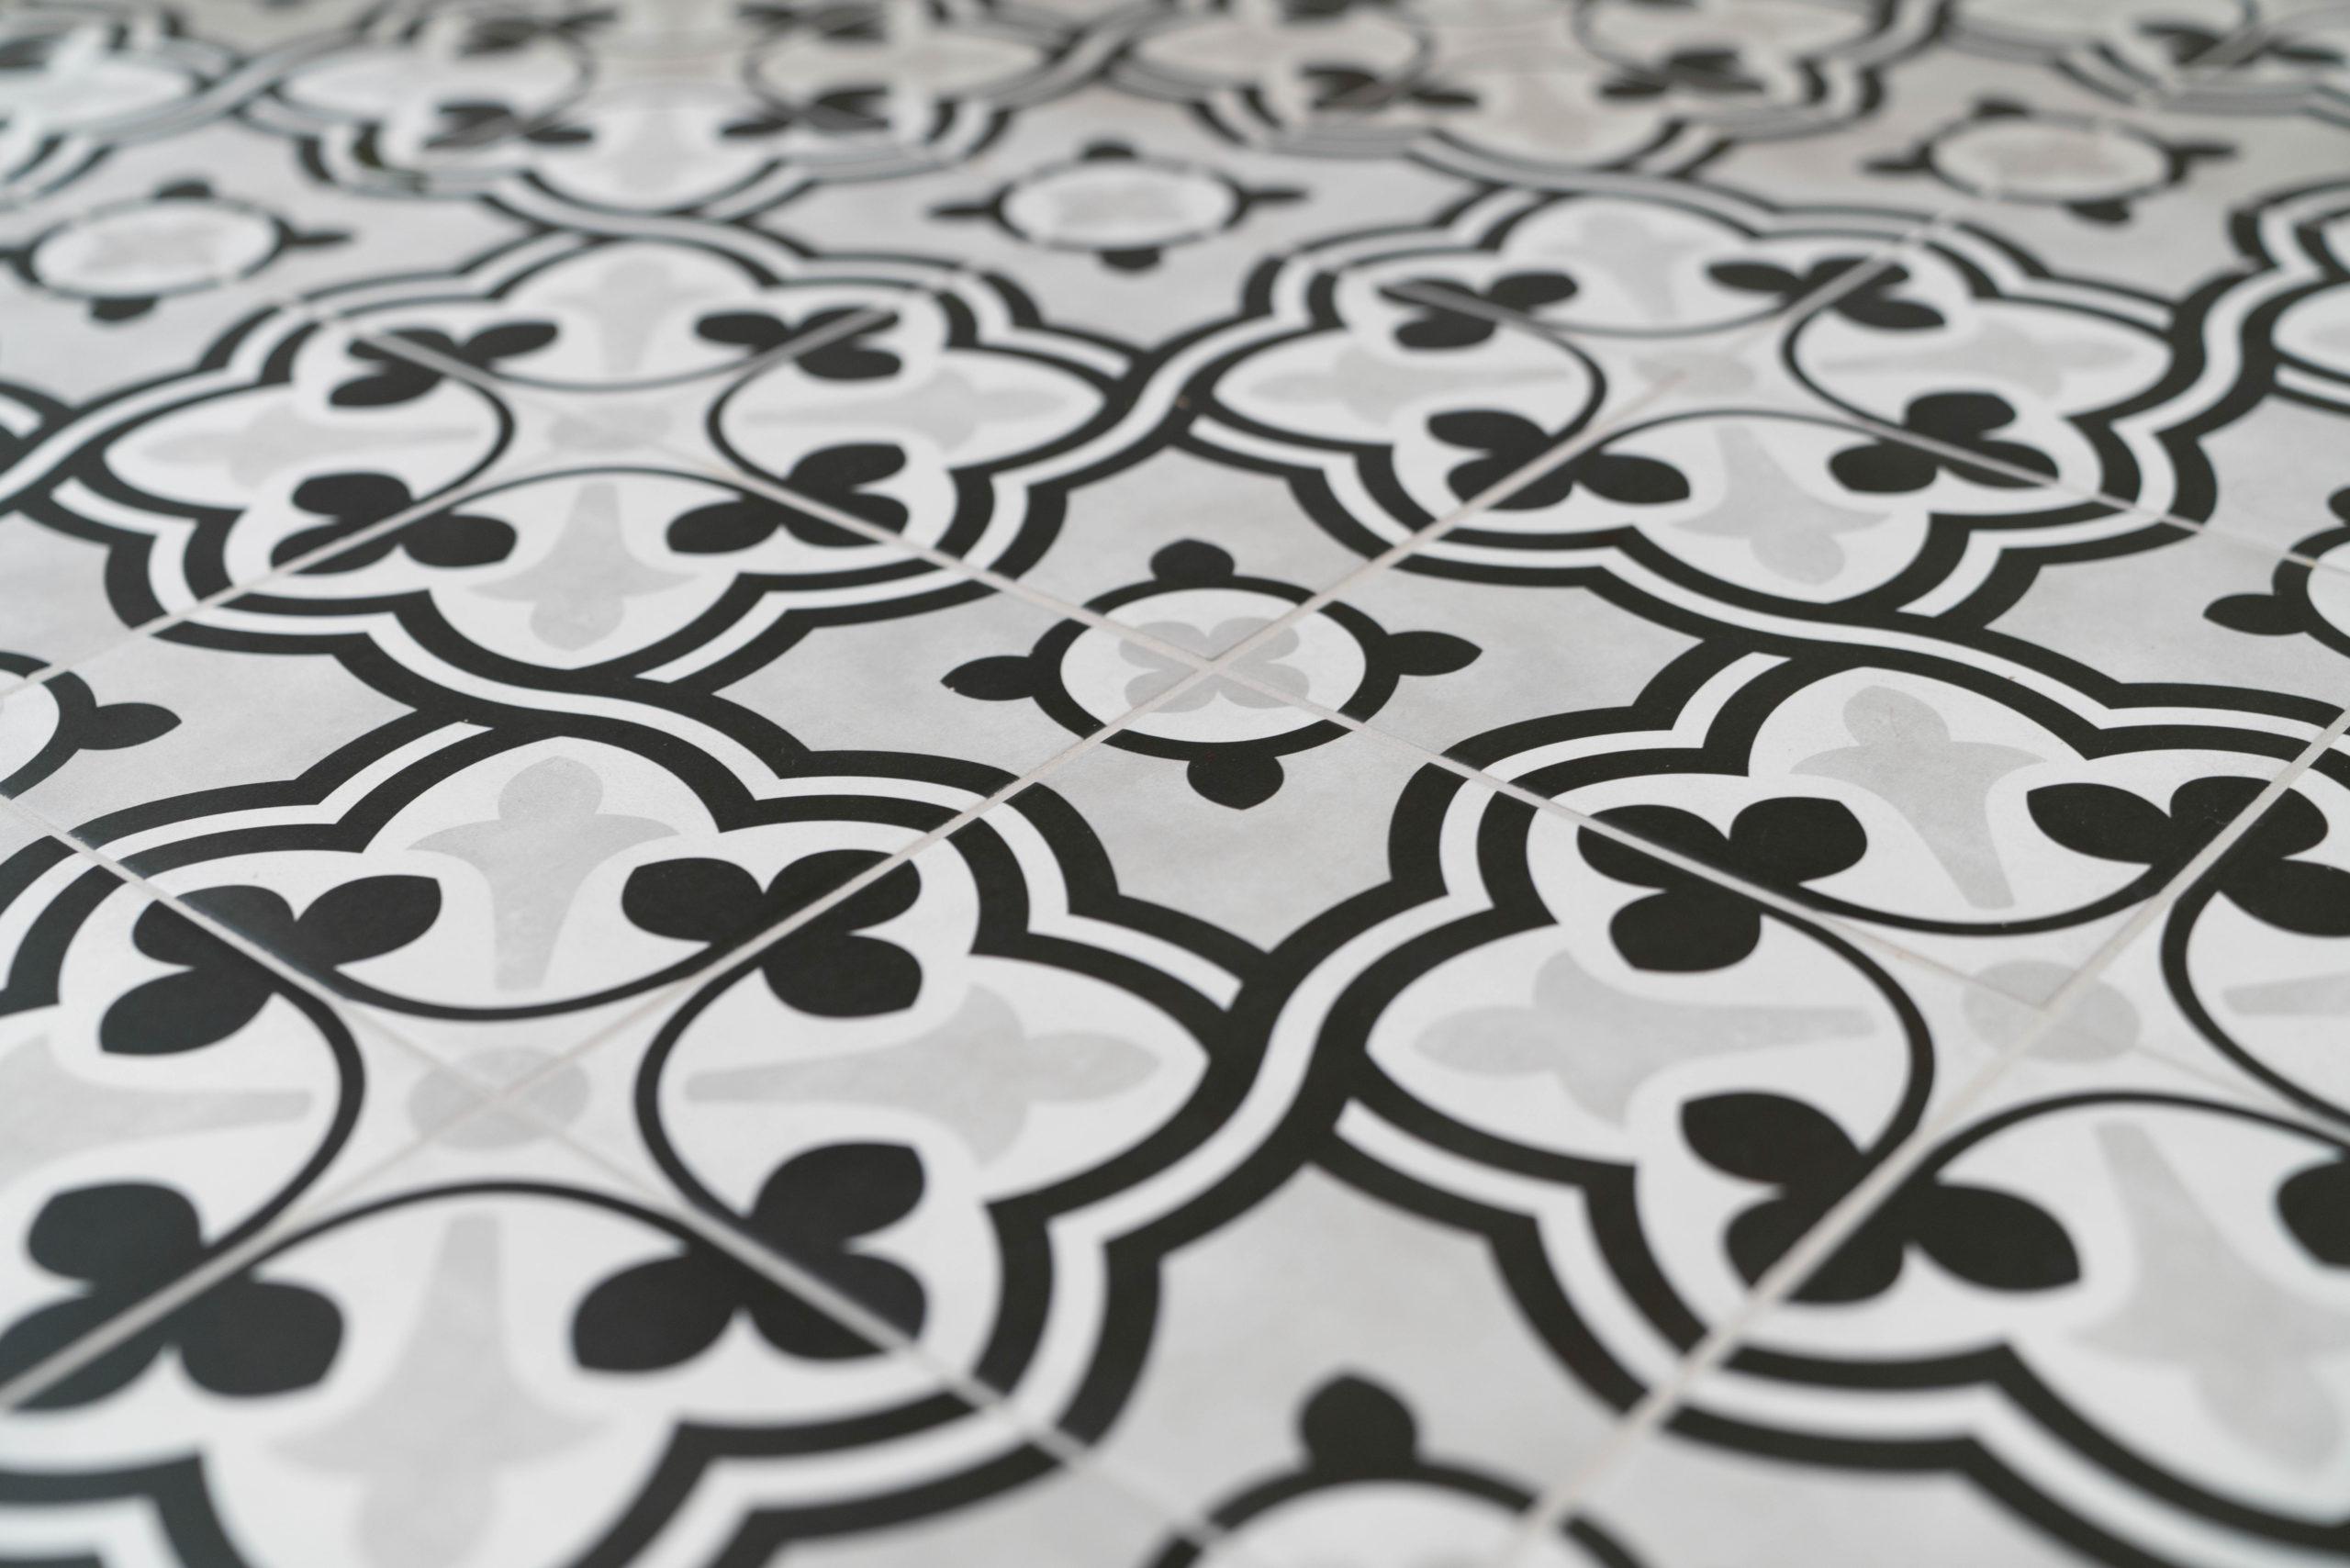 black white and gray floor tile